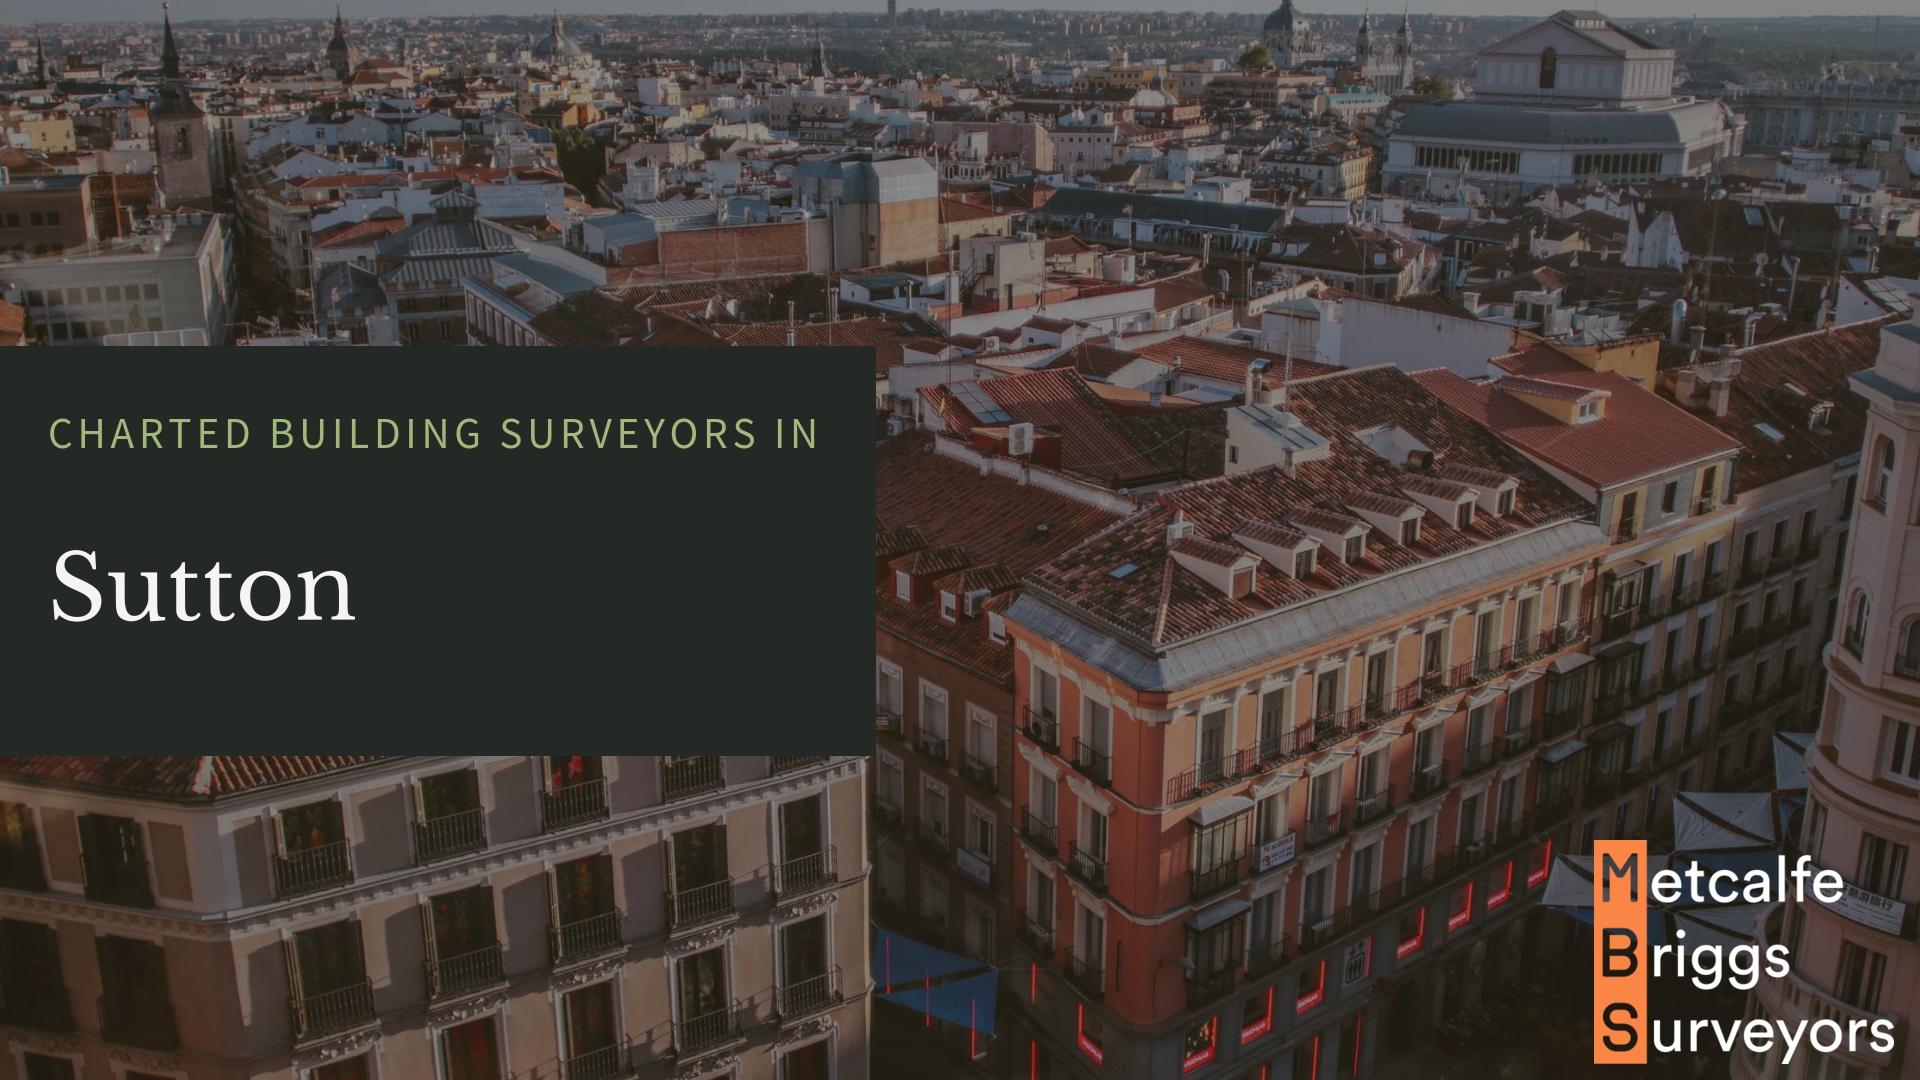 sutton-surveyors.jpg